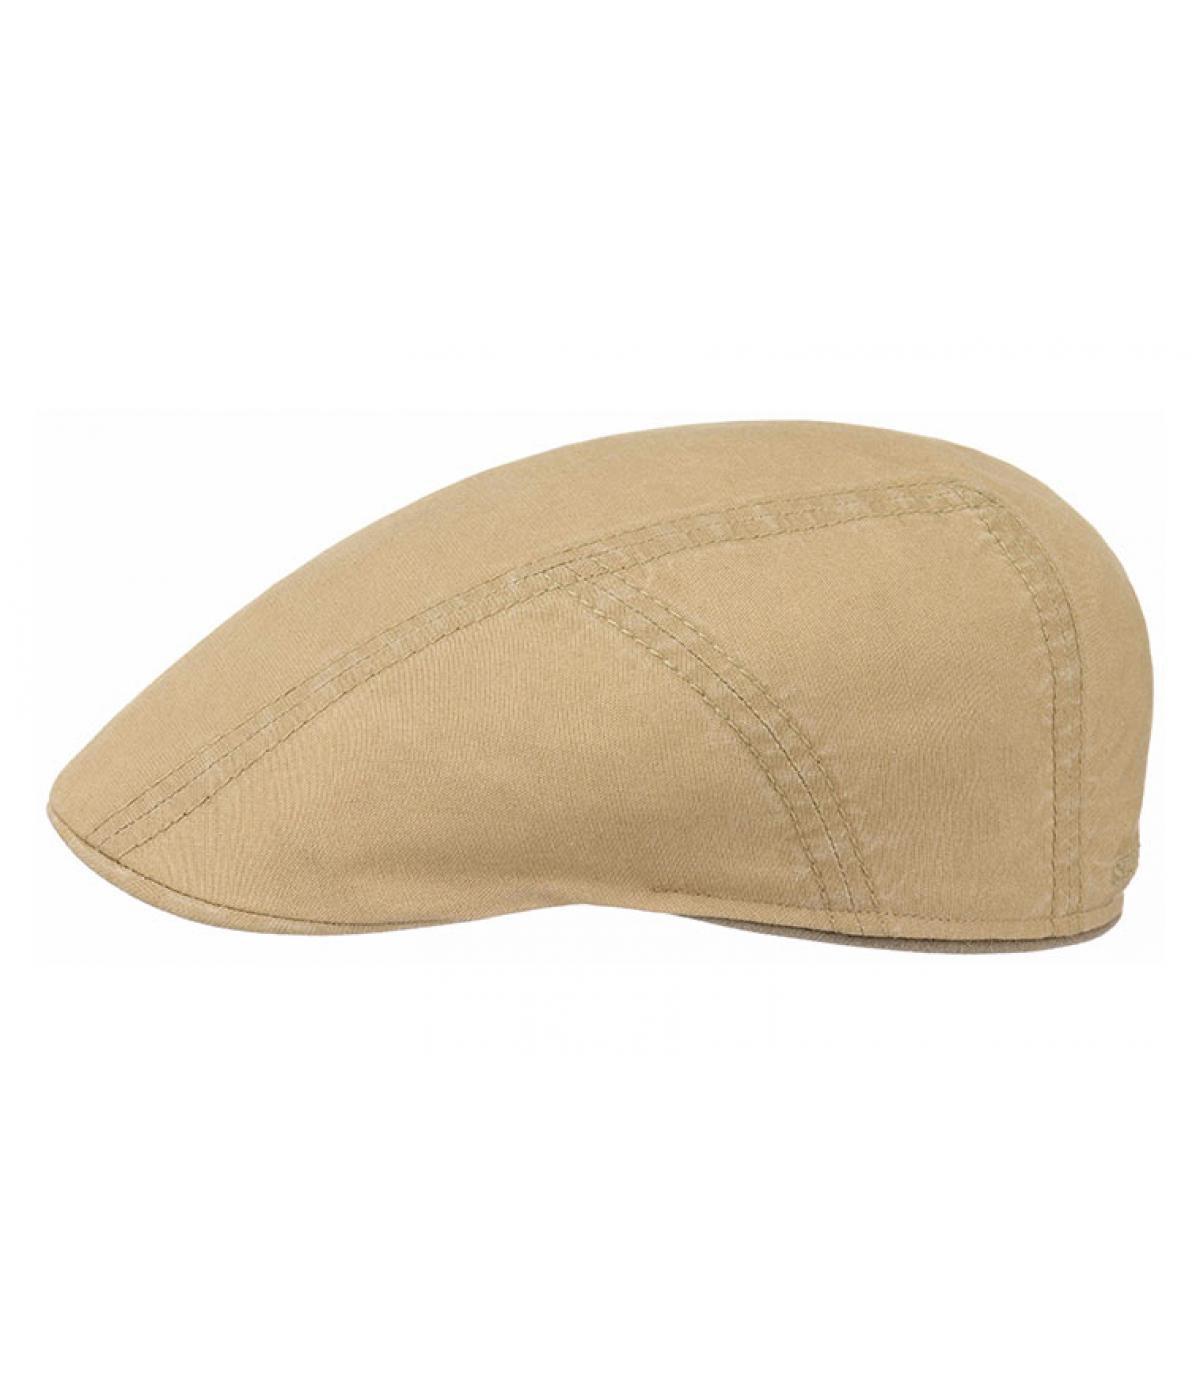 Détails Ivy cap coton lin beige - image 2